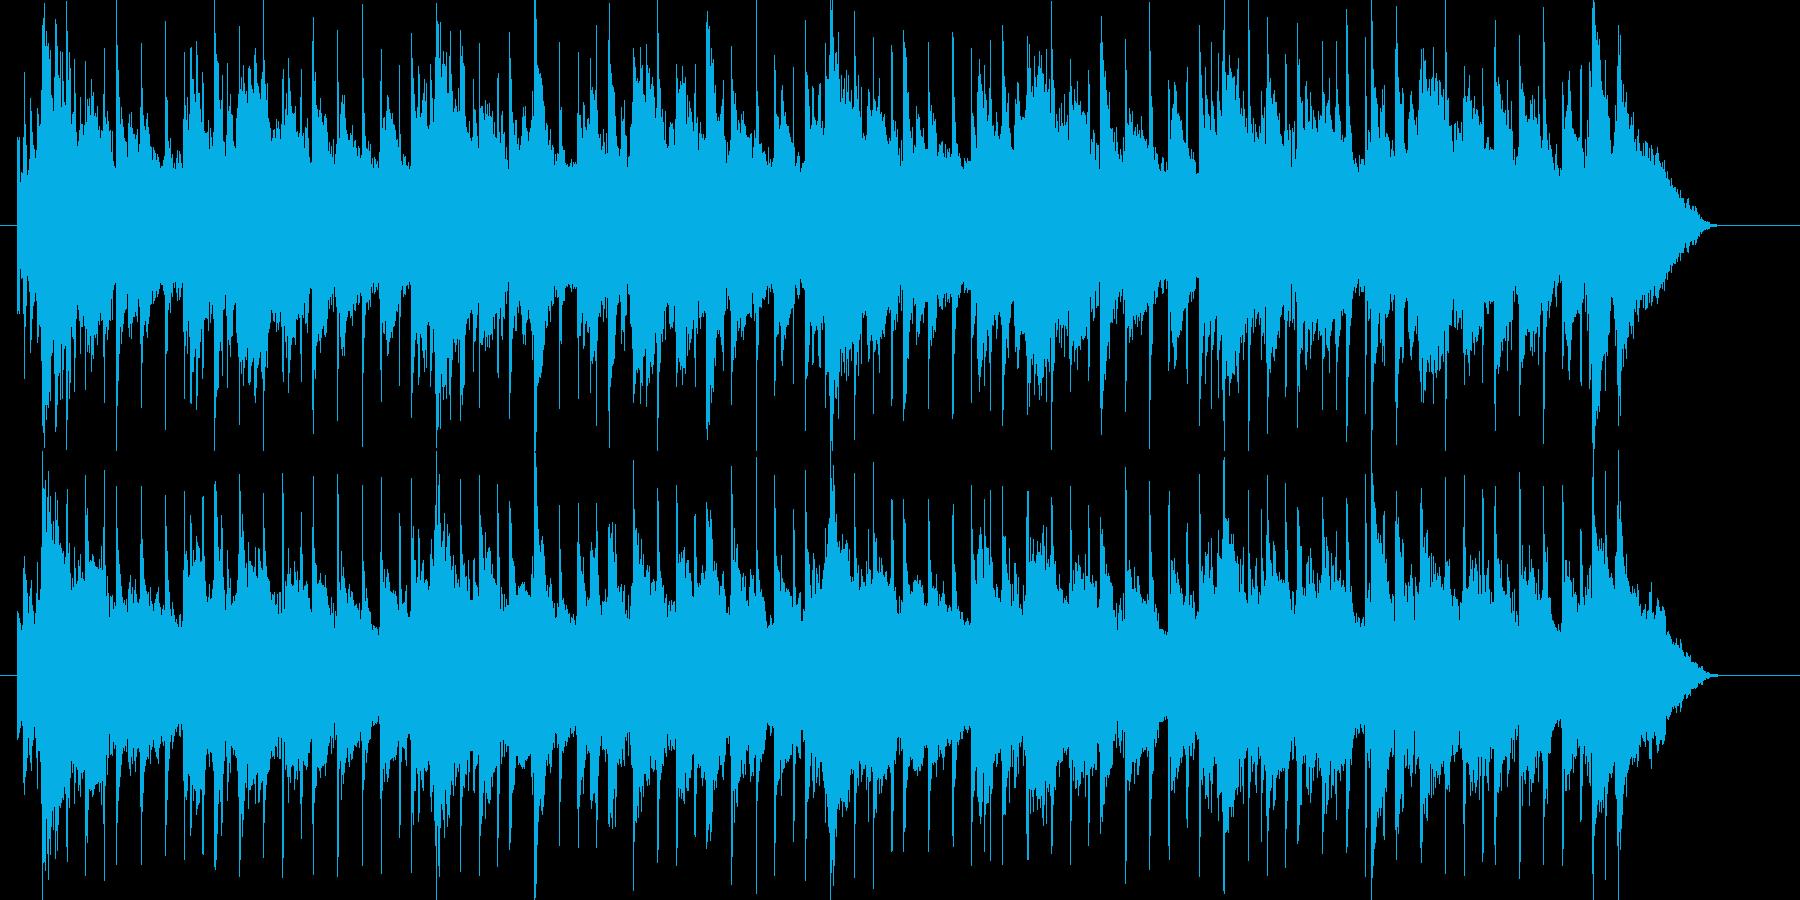 アコギメインのしっとりして落ち着くBGMの再生済みの波形